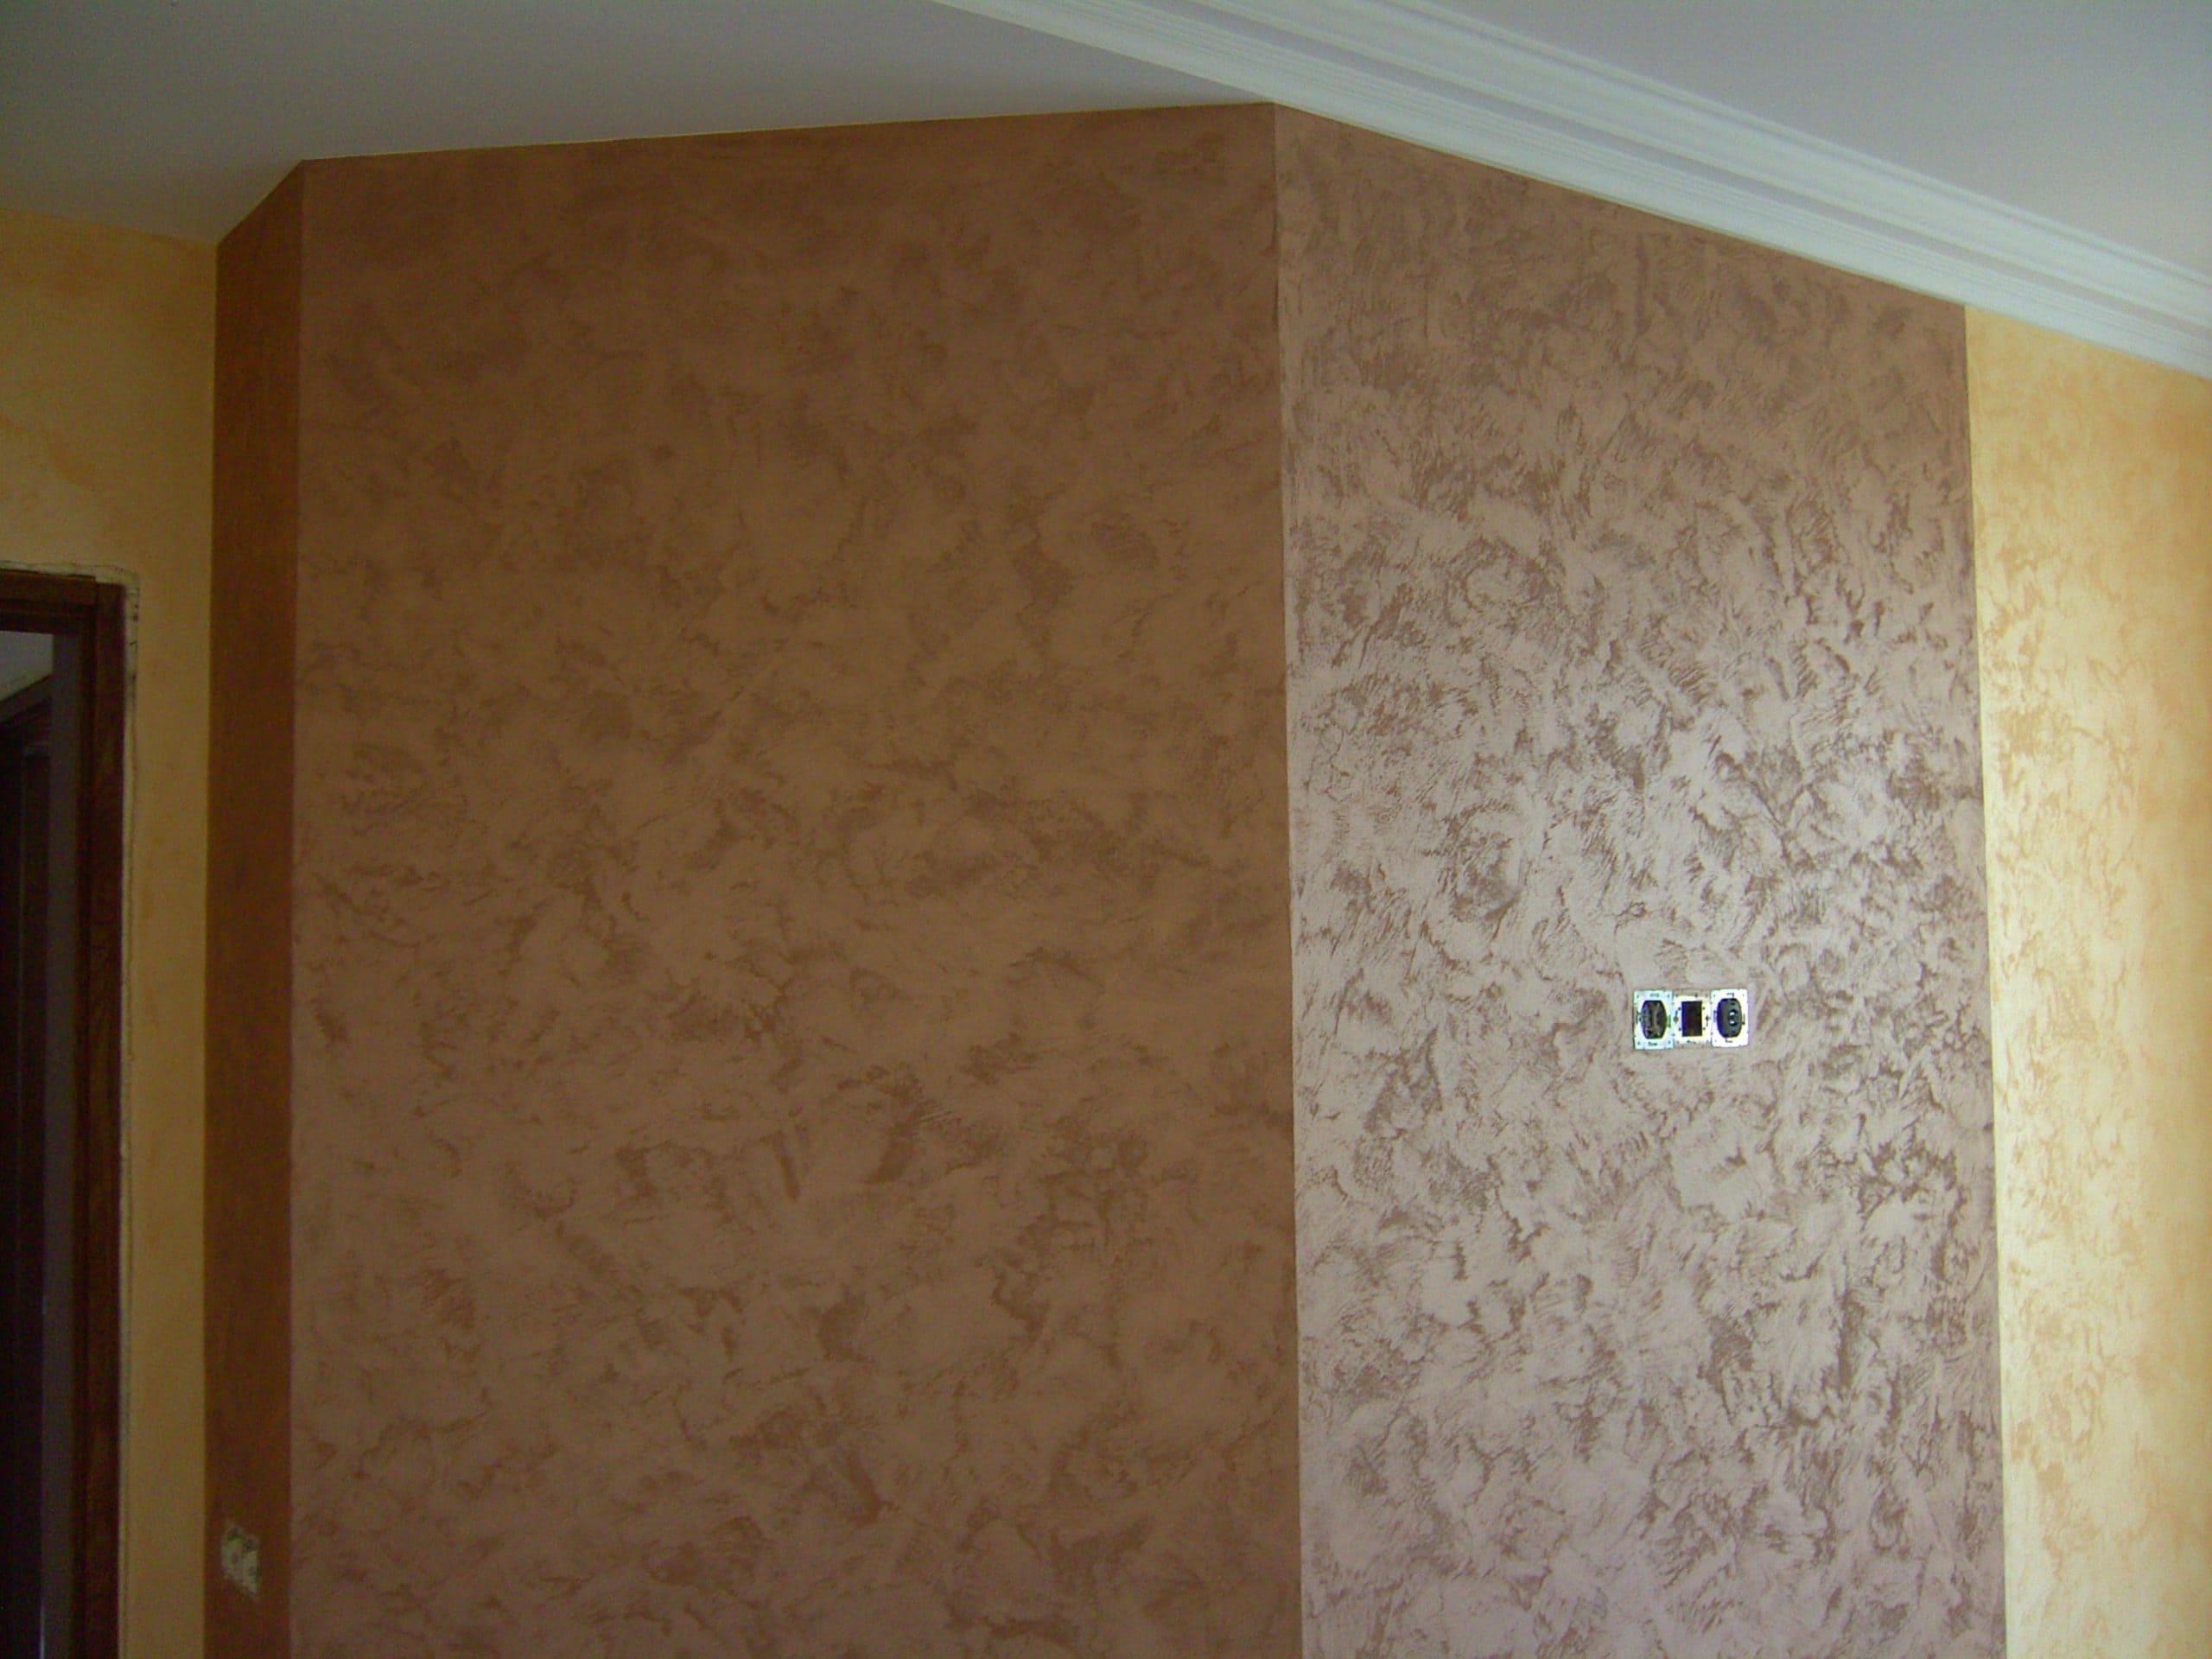 Декоративная штукатурка - лучшие красивые варианты отделки стен в интерьере 071